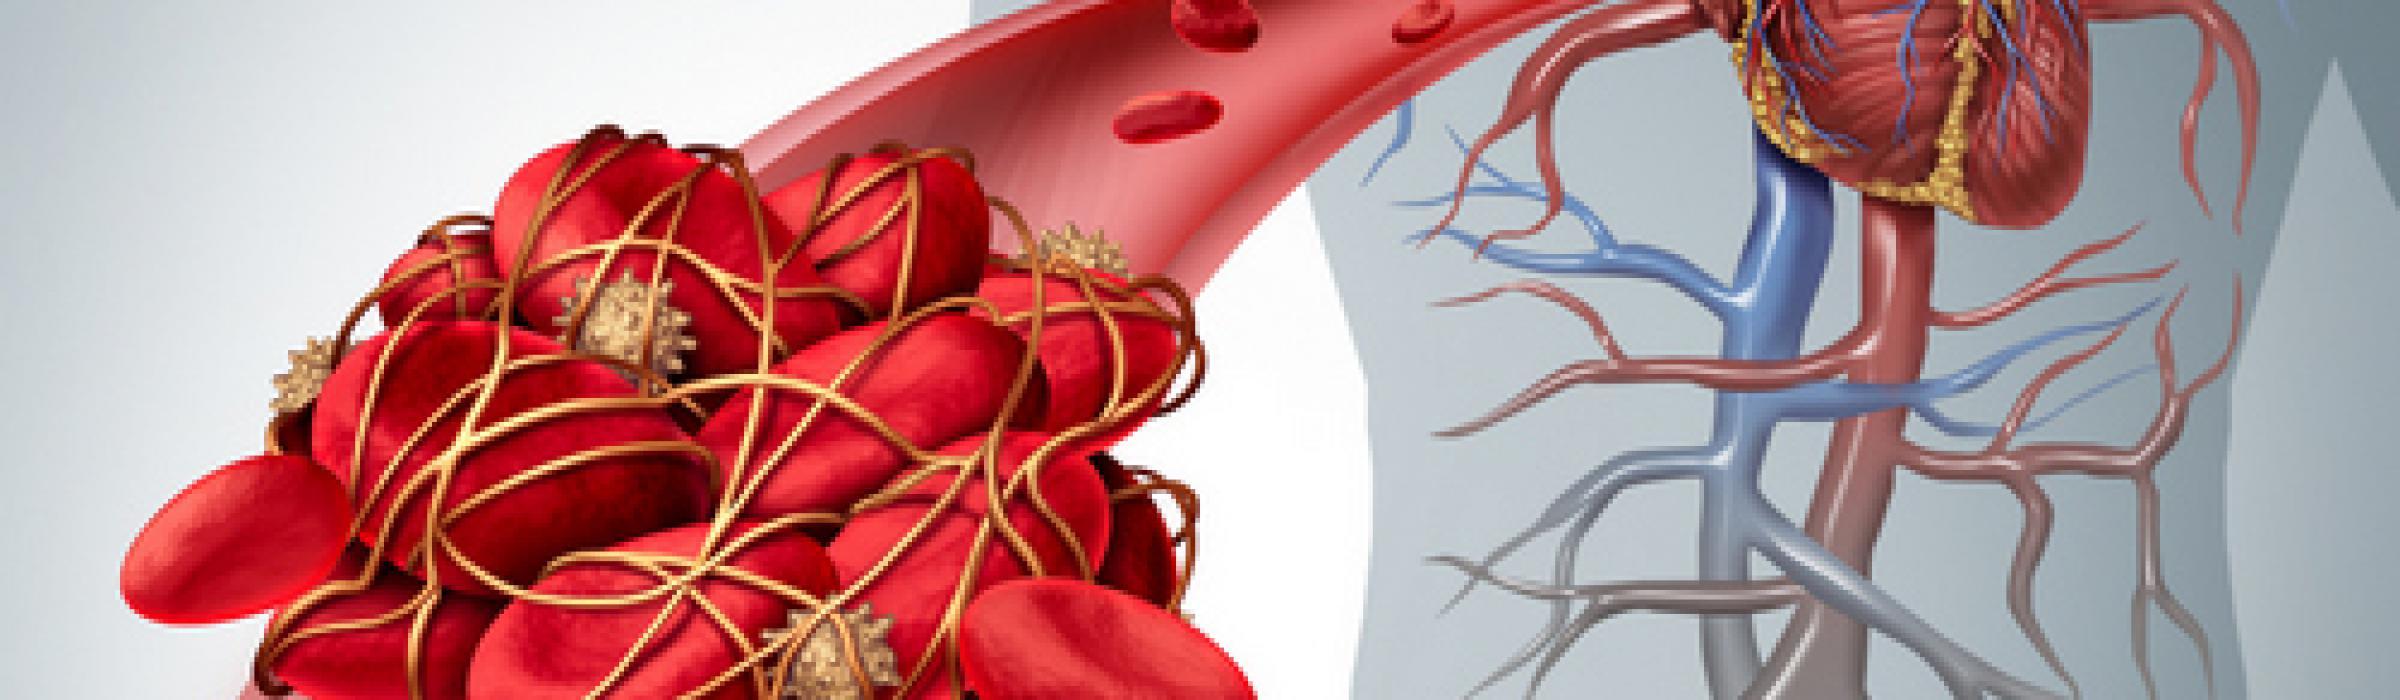 små blodpropper i lungerne